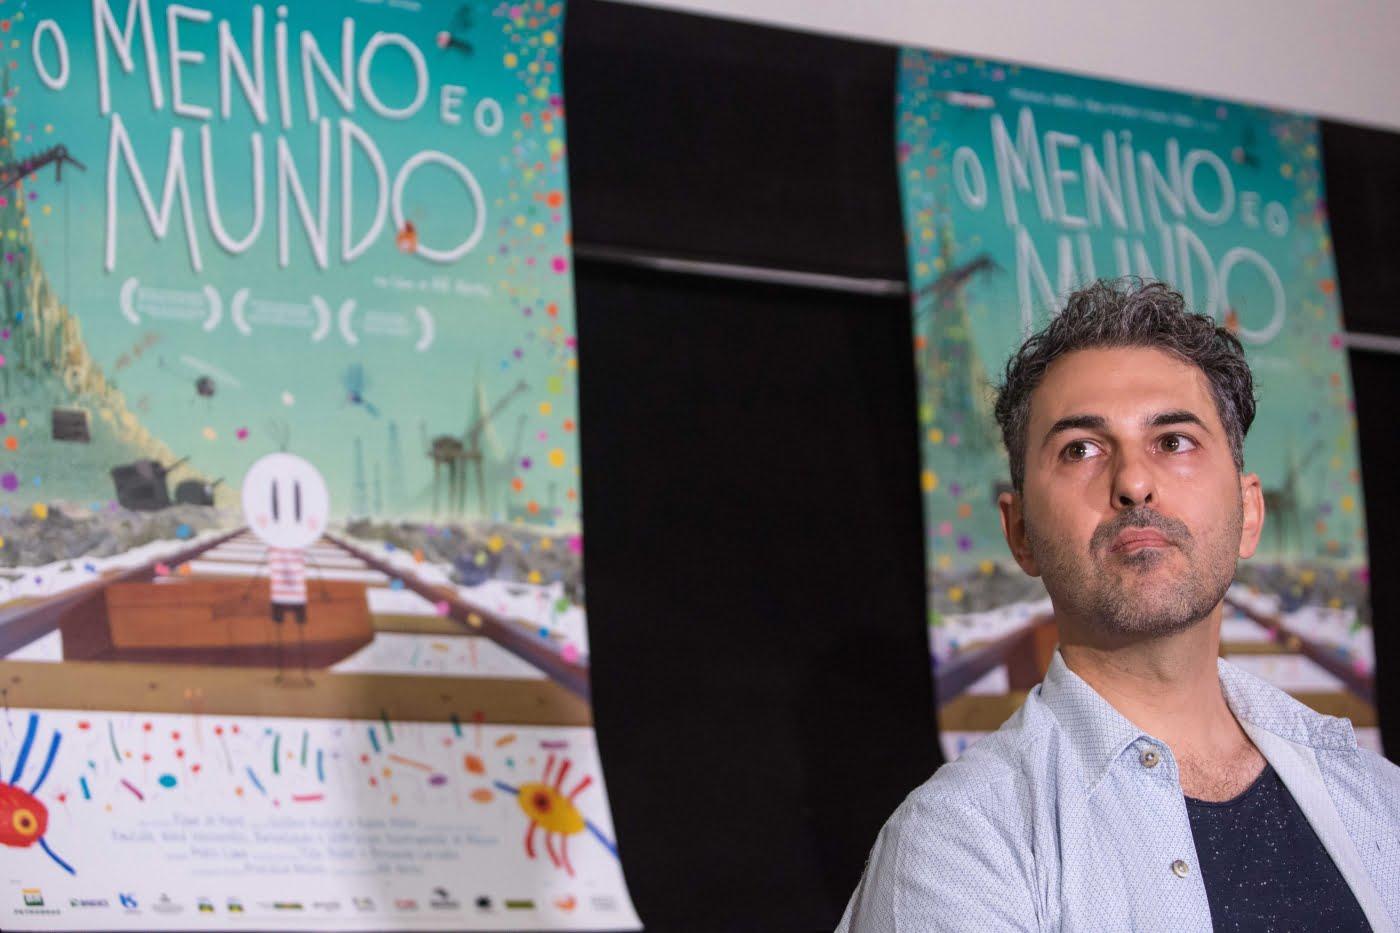 """Alê Abreu, criador do indicado ao Oscar """"O Menino e o Mundo"""" (foto: Aline Arruda)."""